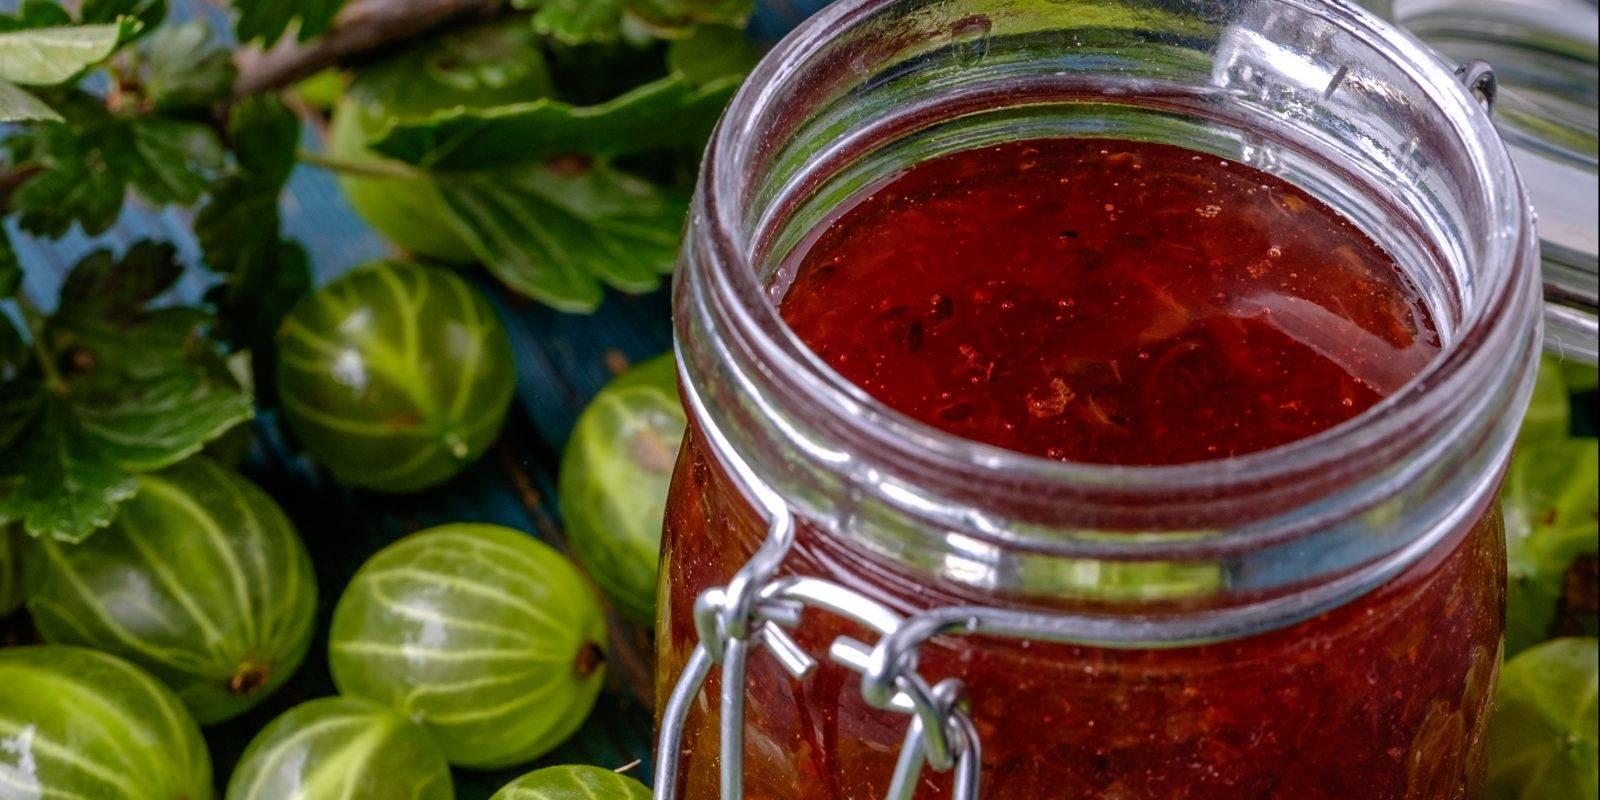 Сырое варенье из крыжовника: 11 лучших рецептов приготовления на зиму